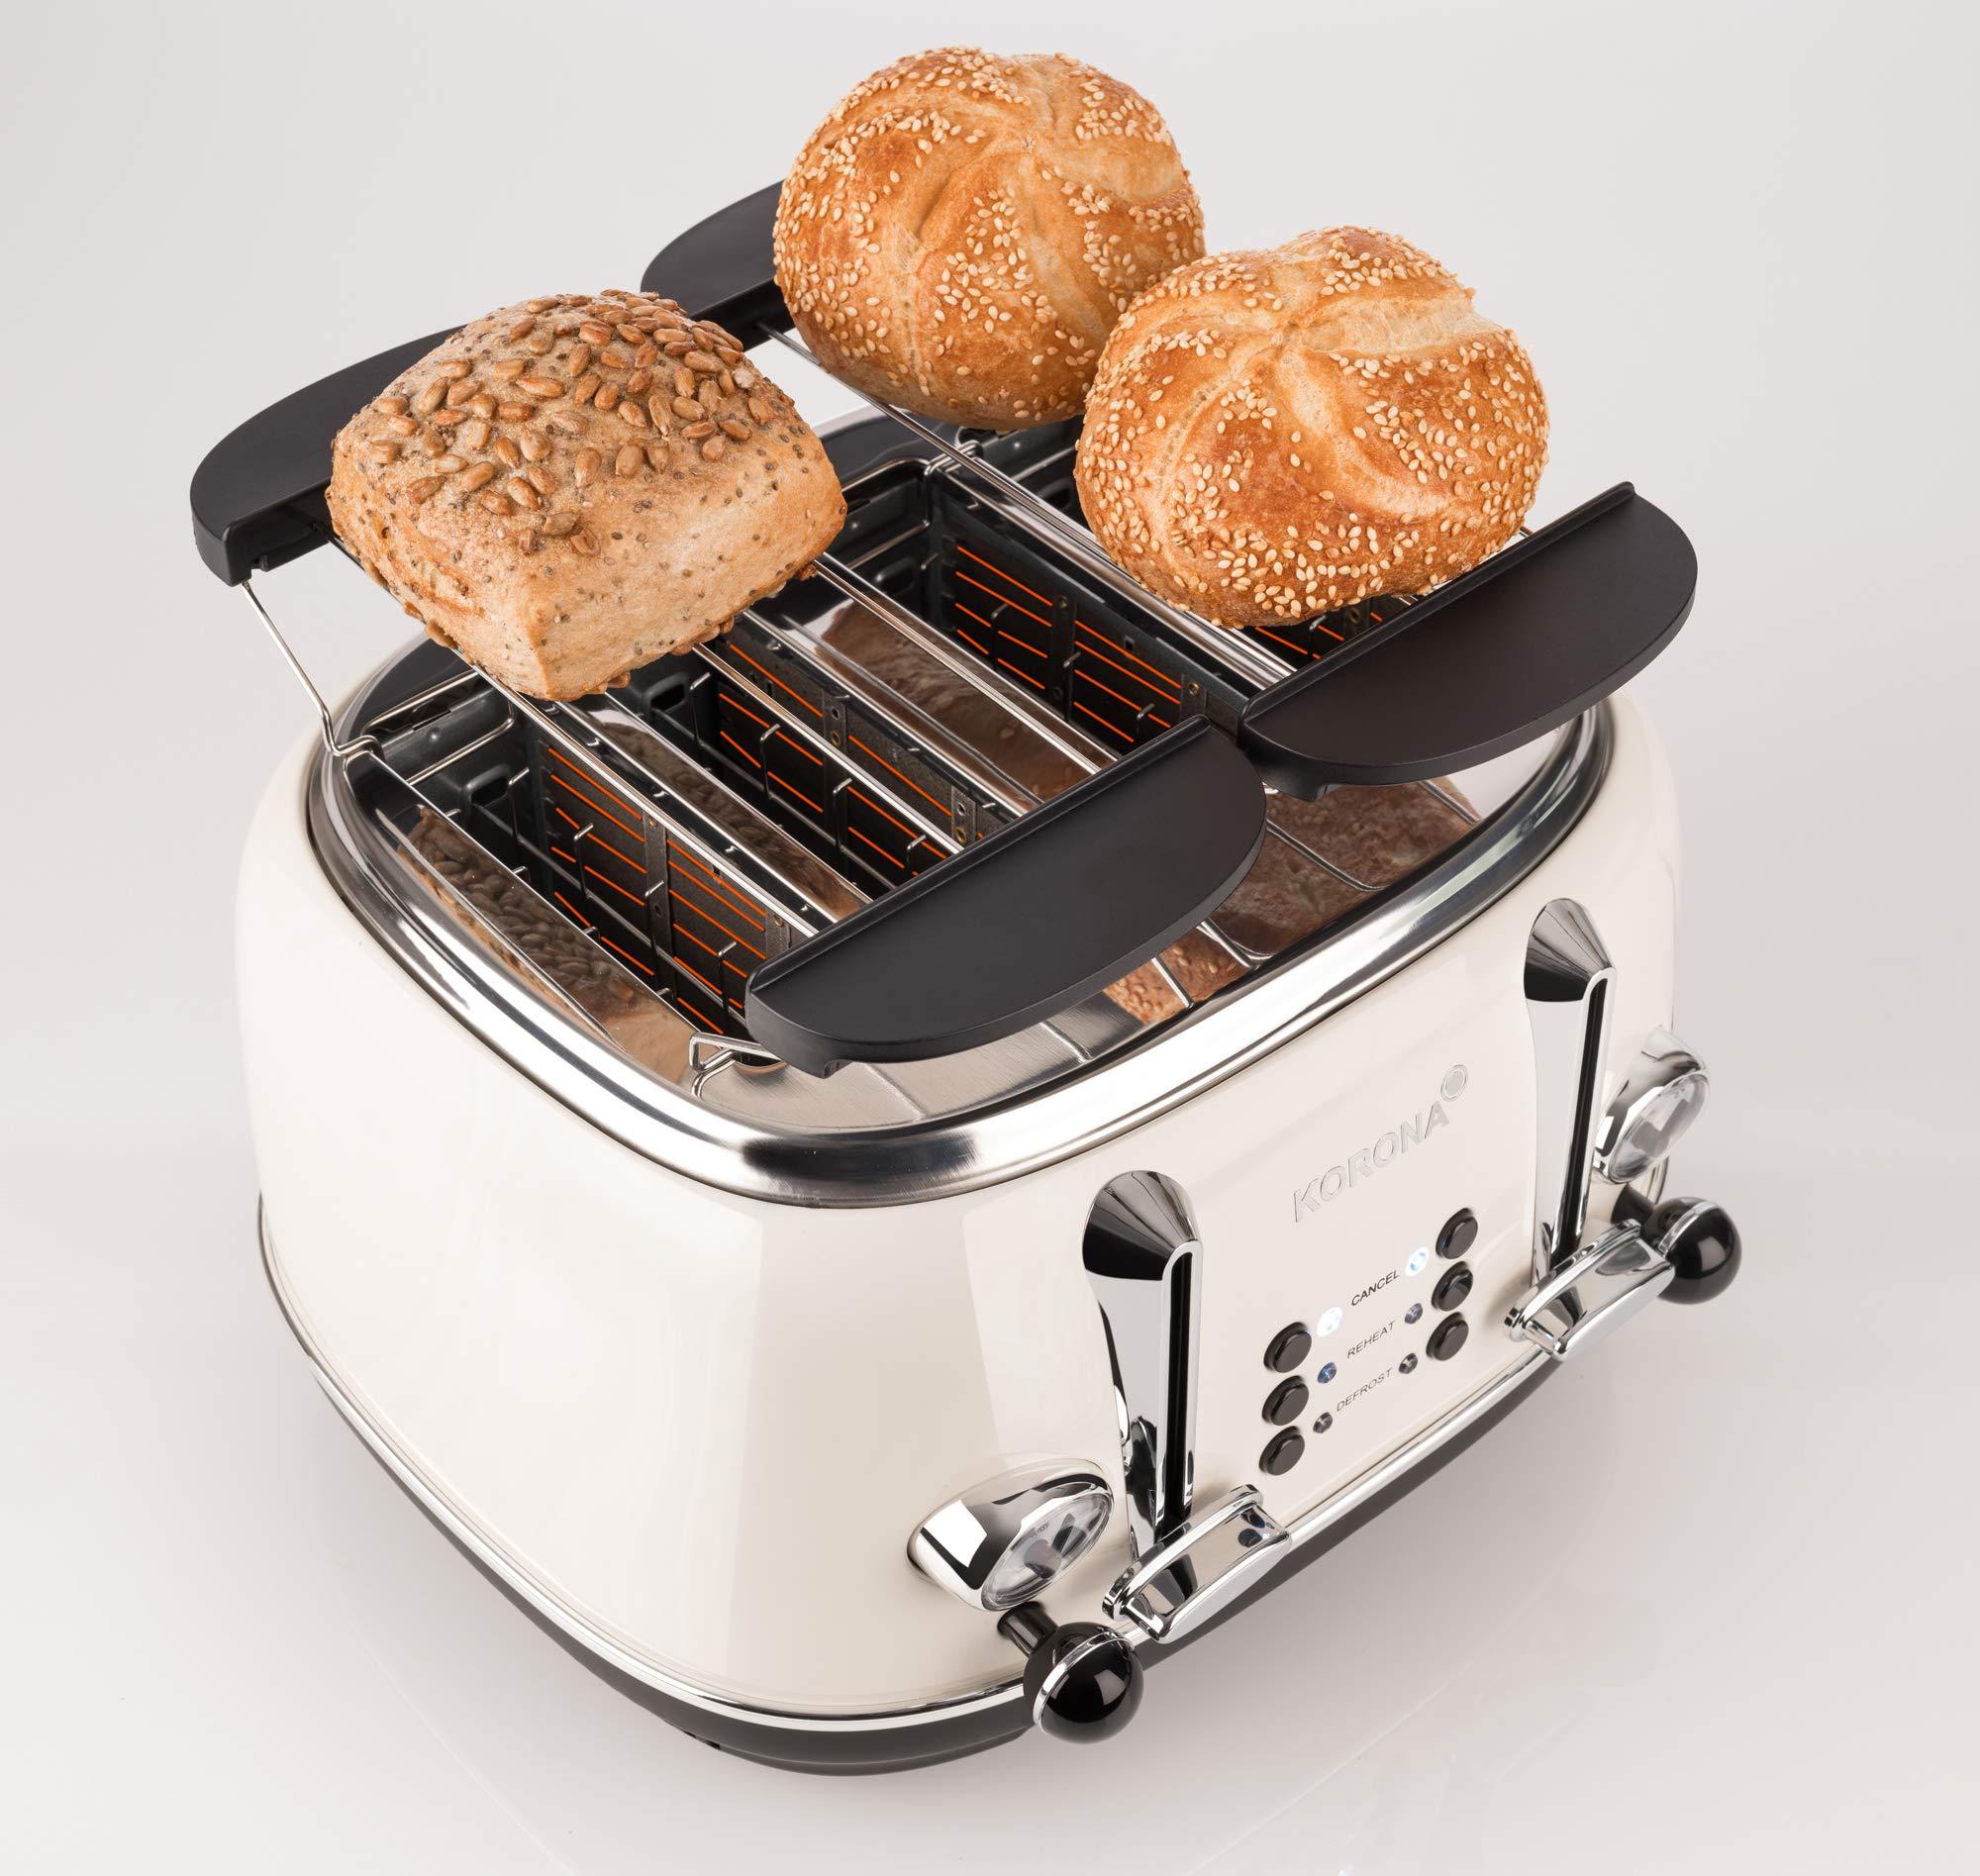 Korona-Retro-Toaster-4-Schlitz